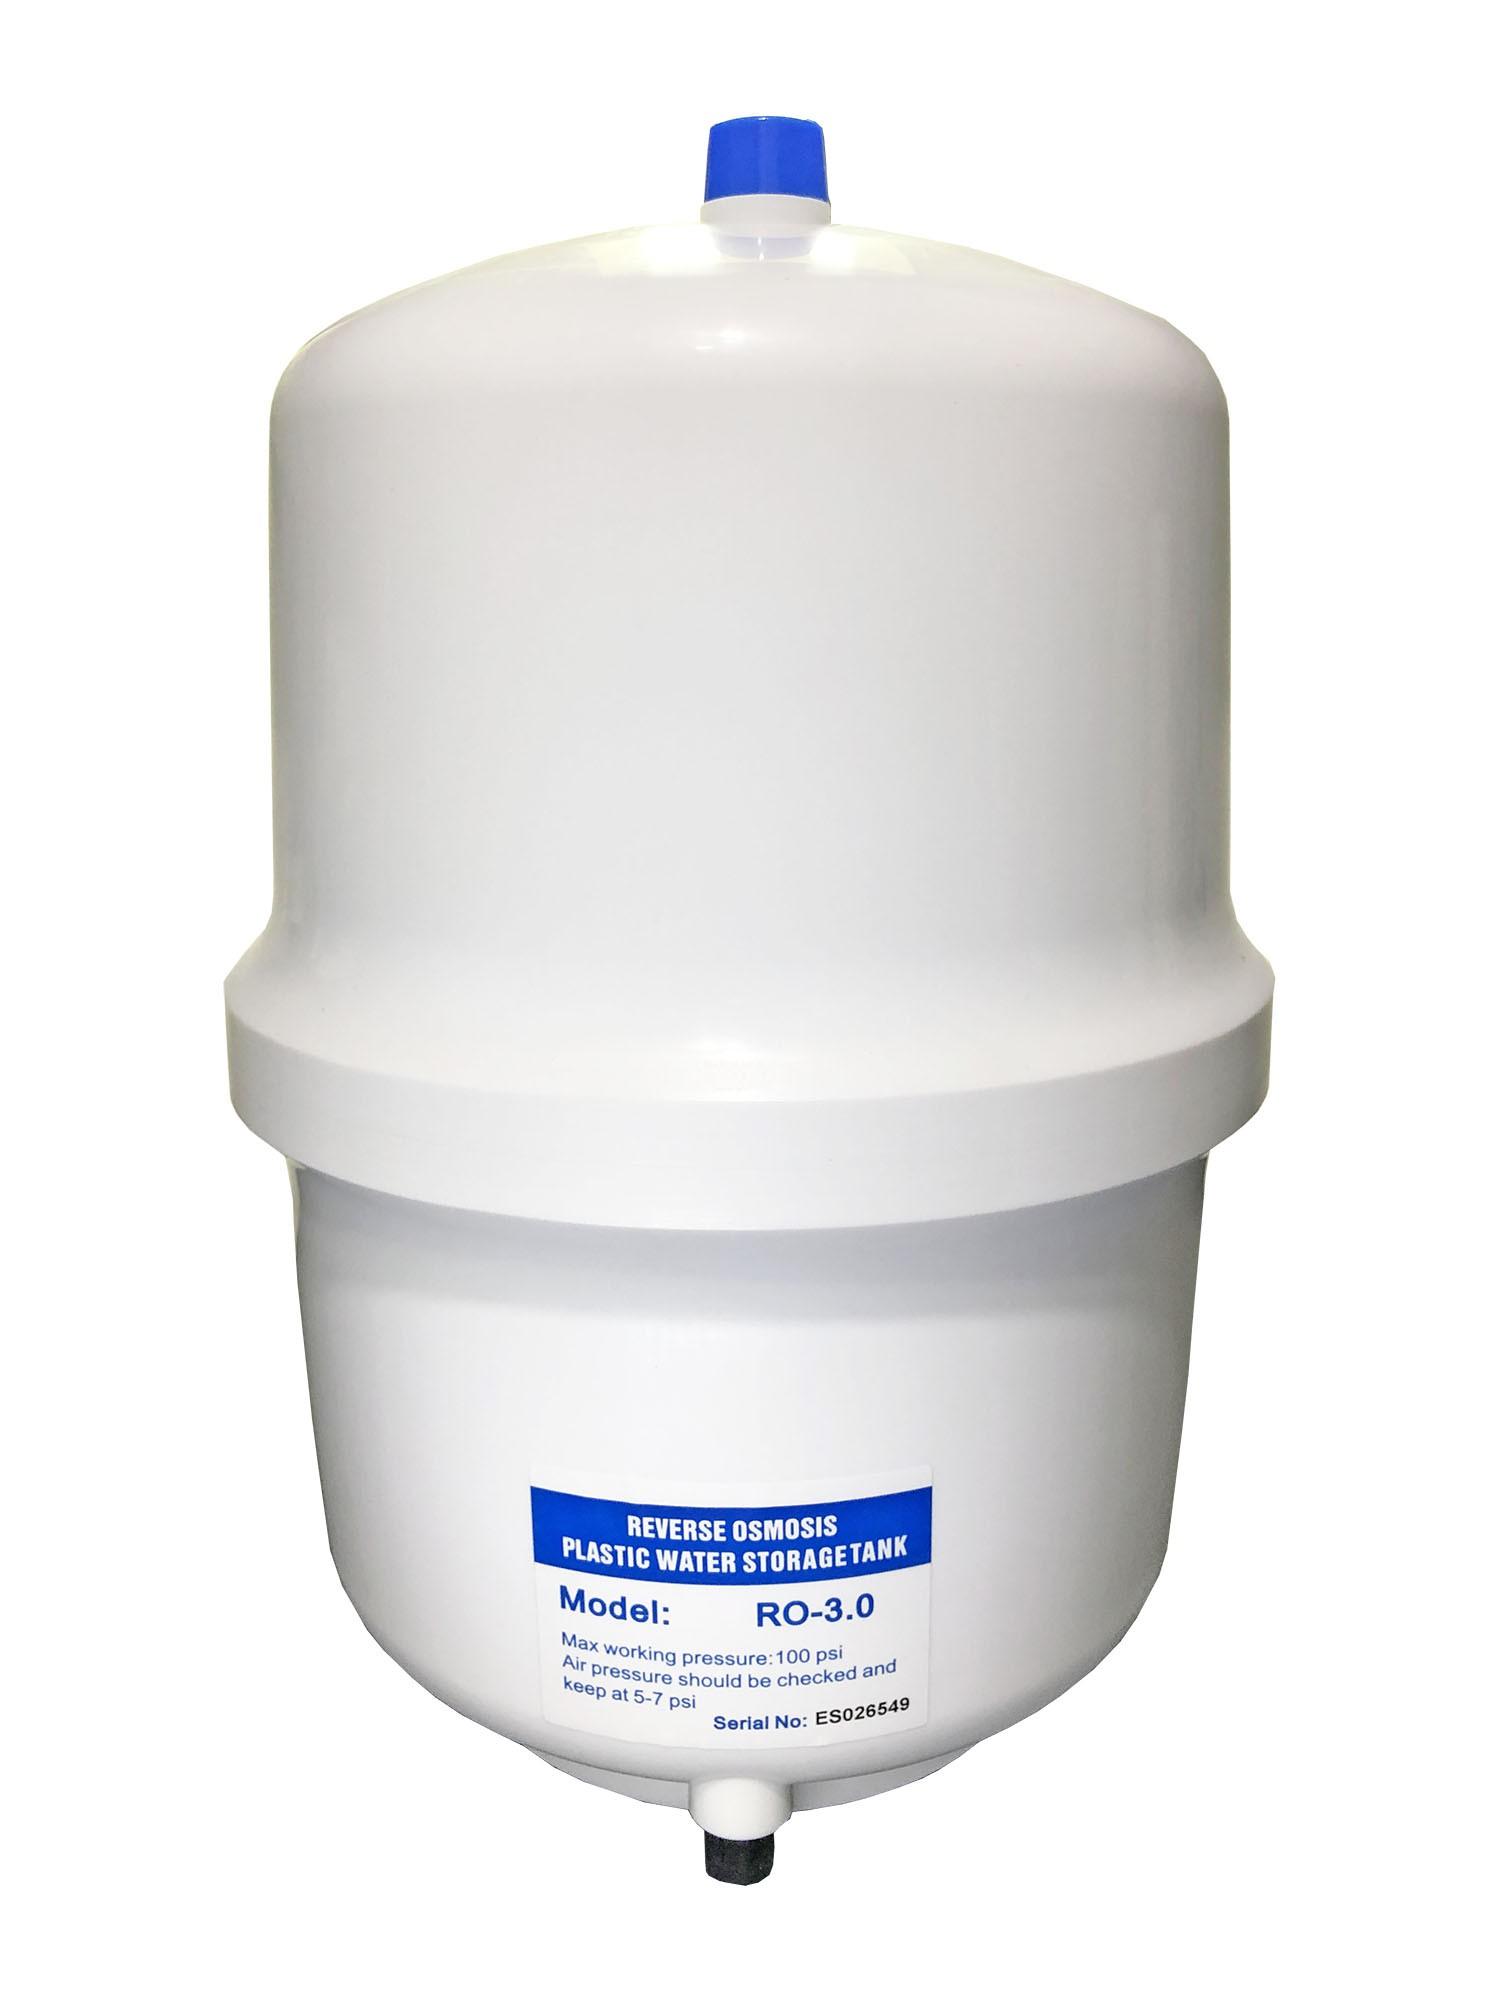 Tanque Reservatório Pressurizado para Osmose Reversa - 11 Litros (3.0 G)